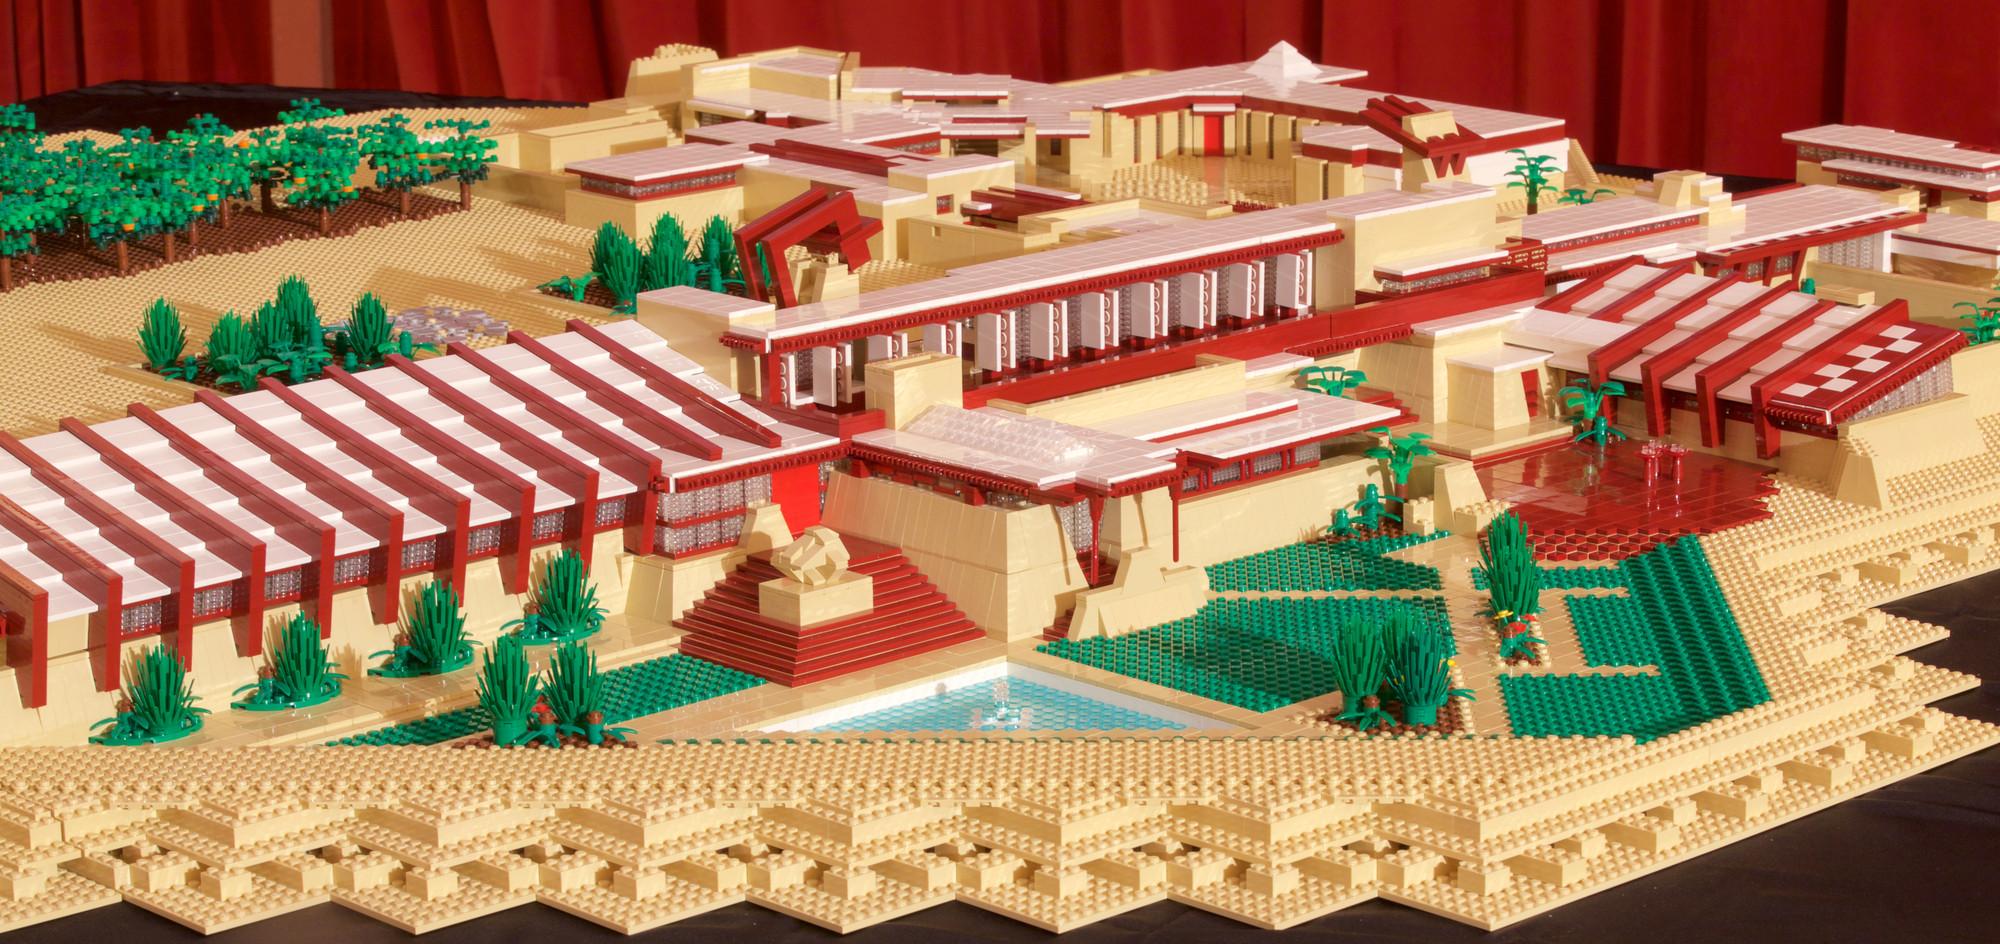 Taliesin West de Frank Lloyd Wright  é reconstruída em LEGO® , © Andrew Pielage Photography